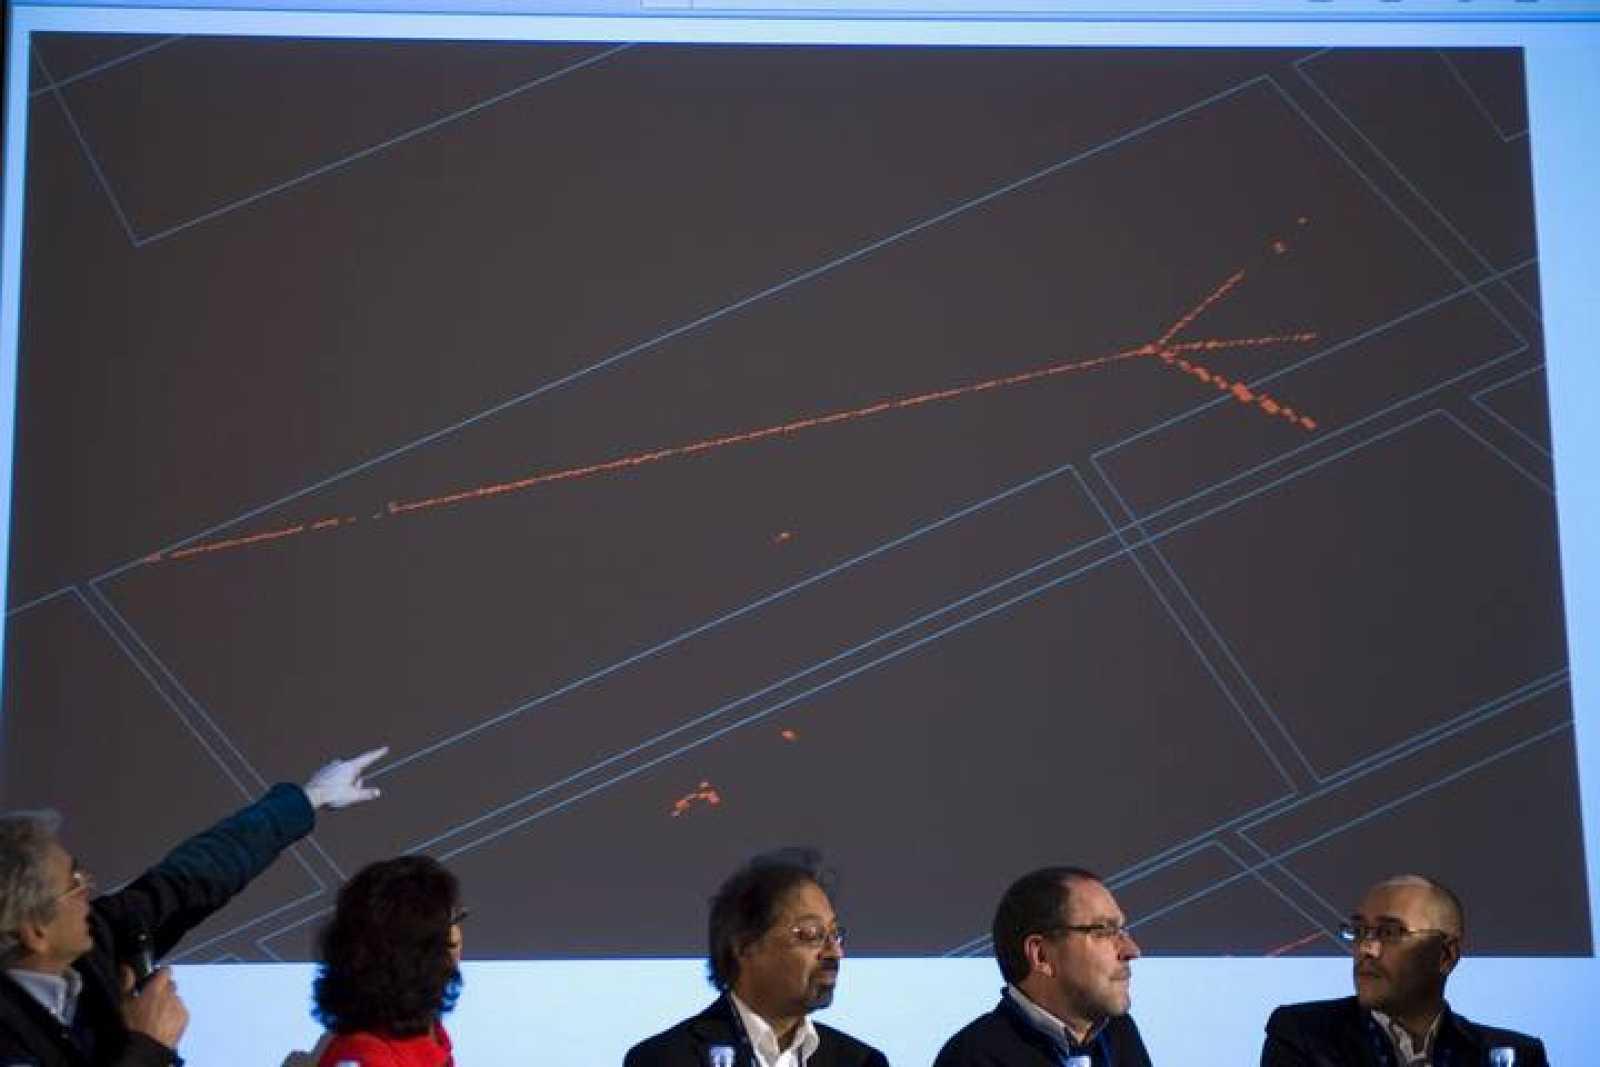 CERN EVALÚA COMO UN ÉXITO QUE CIRCULEN HACES EN DIRECCIÓN OPUESTA POR EL HLC